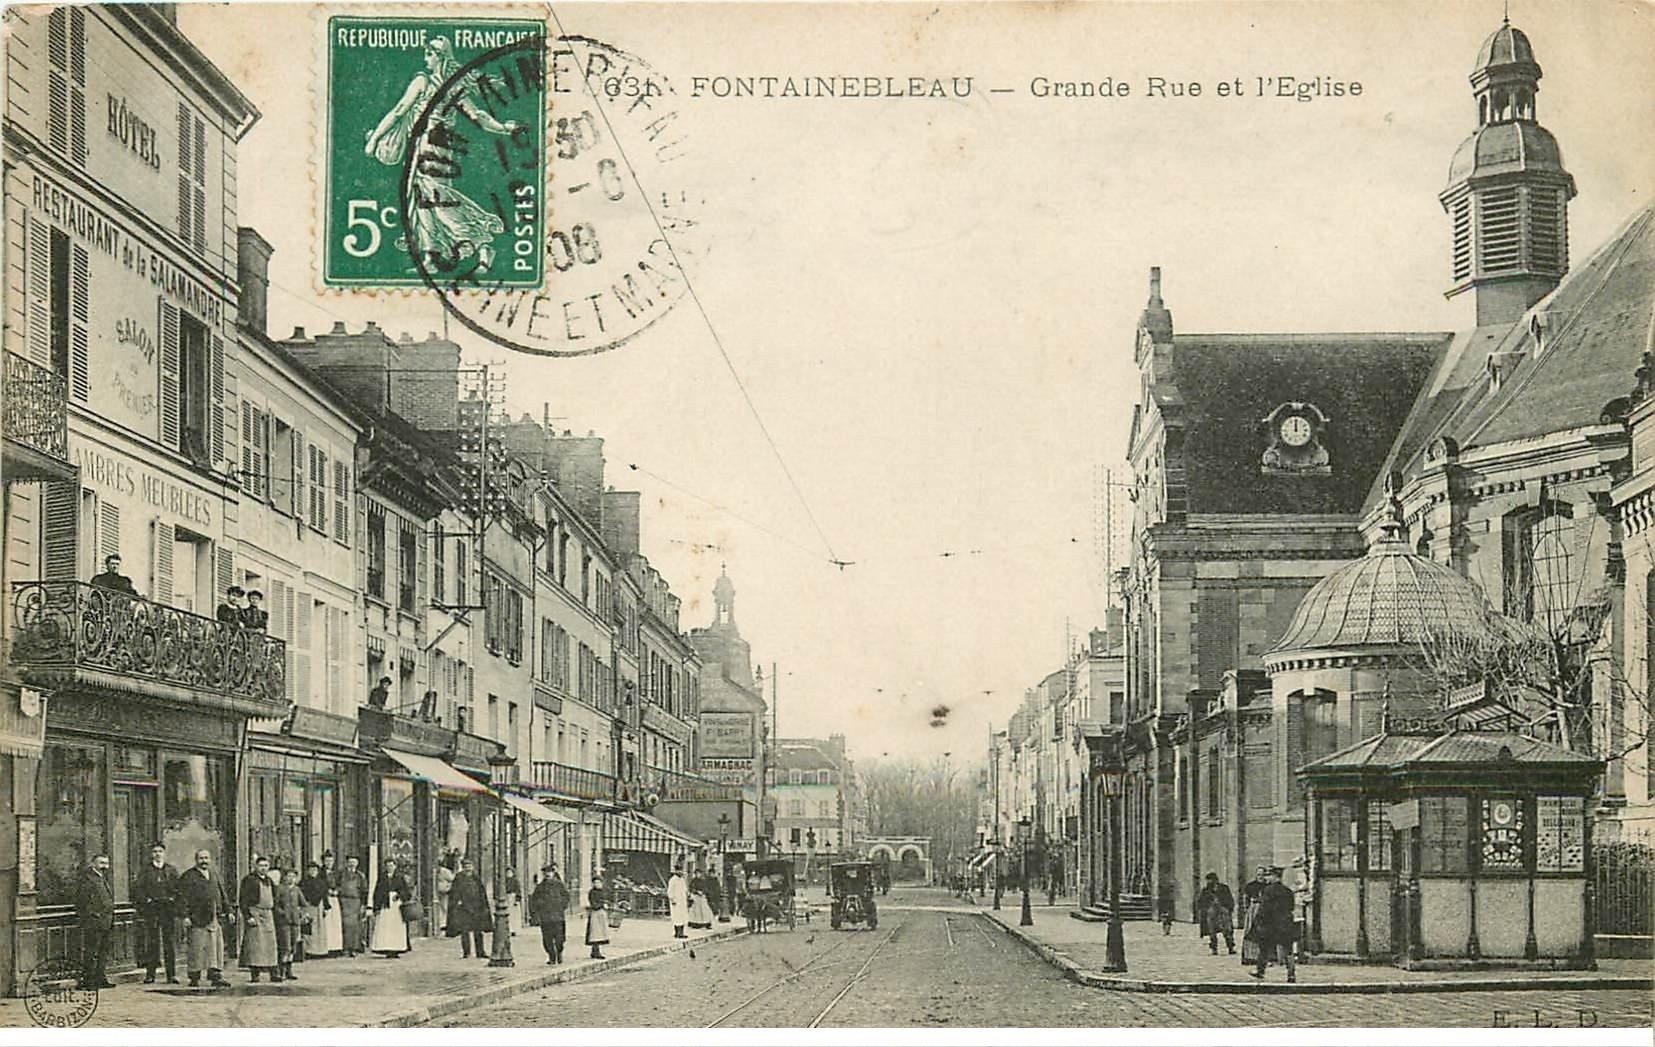 77 Fontainebleau  Grande Rue Eglise 1908 H U00f4tel Salamandre